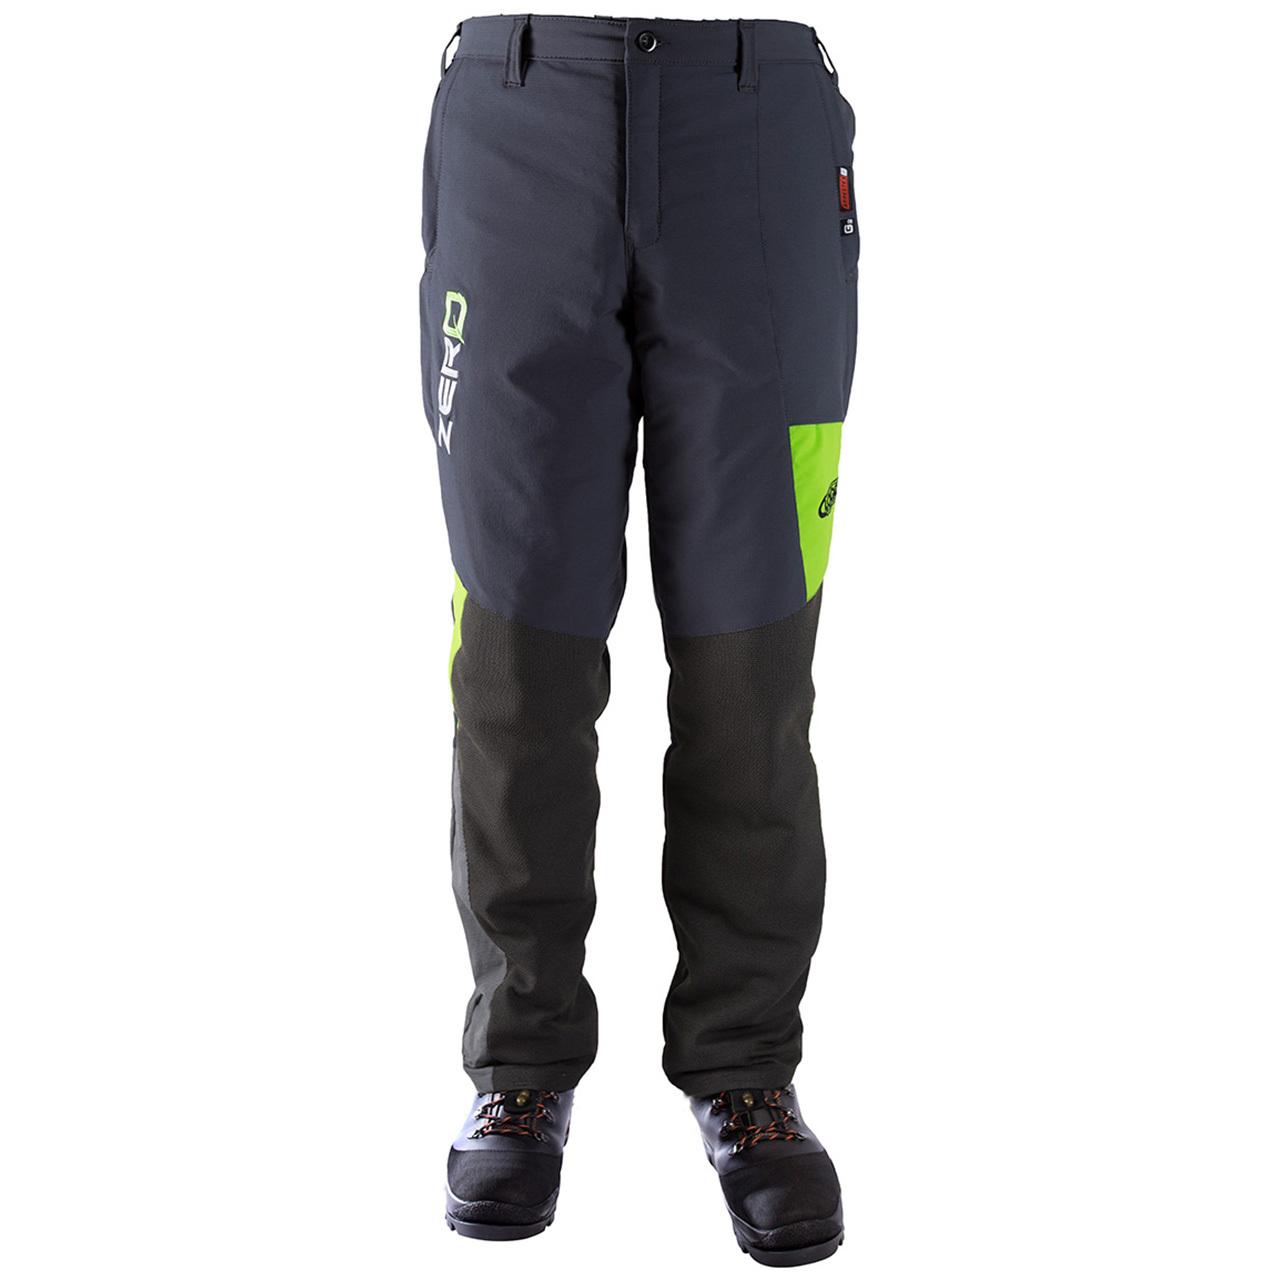 Clogger Zero Gen2 Light & Cool Men's Chainsaw Pants